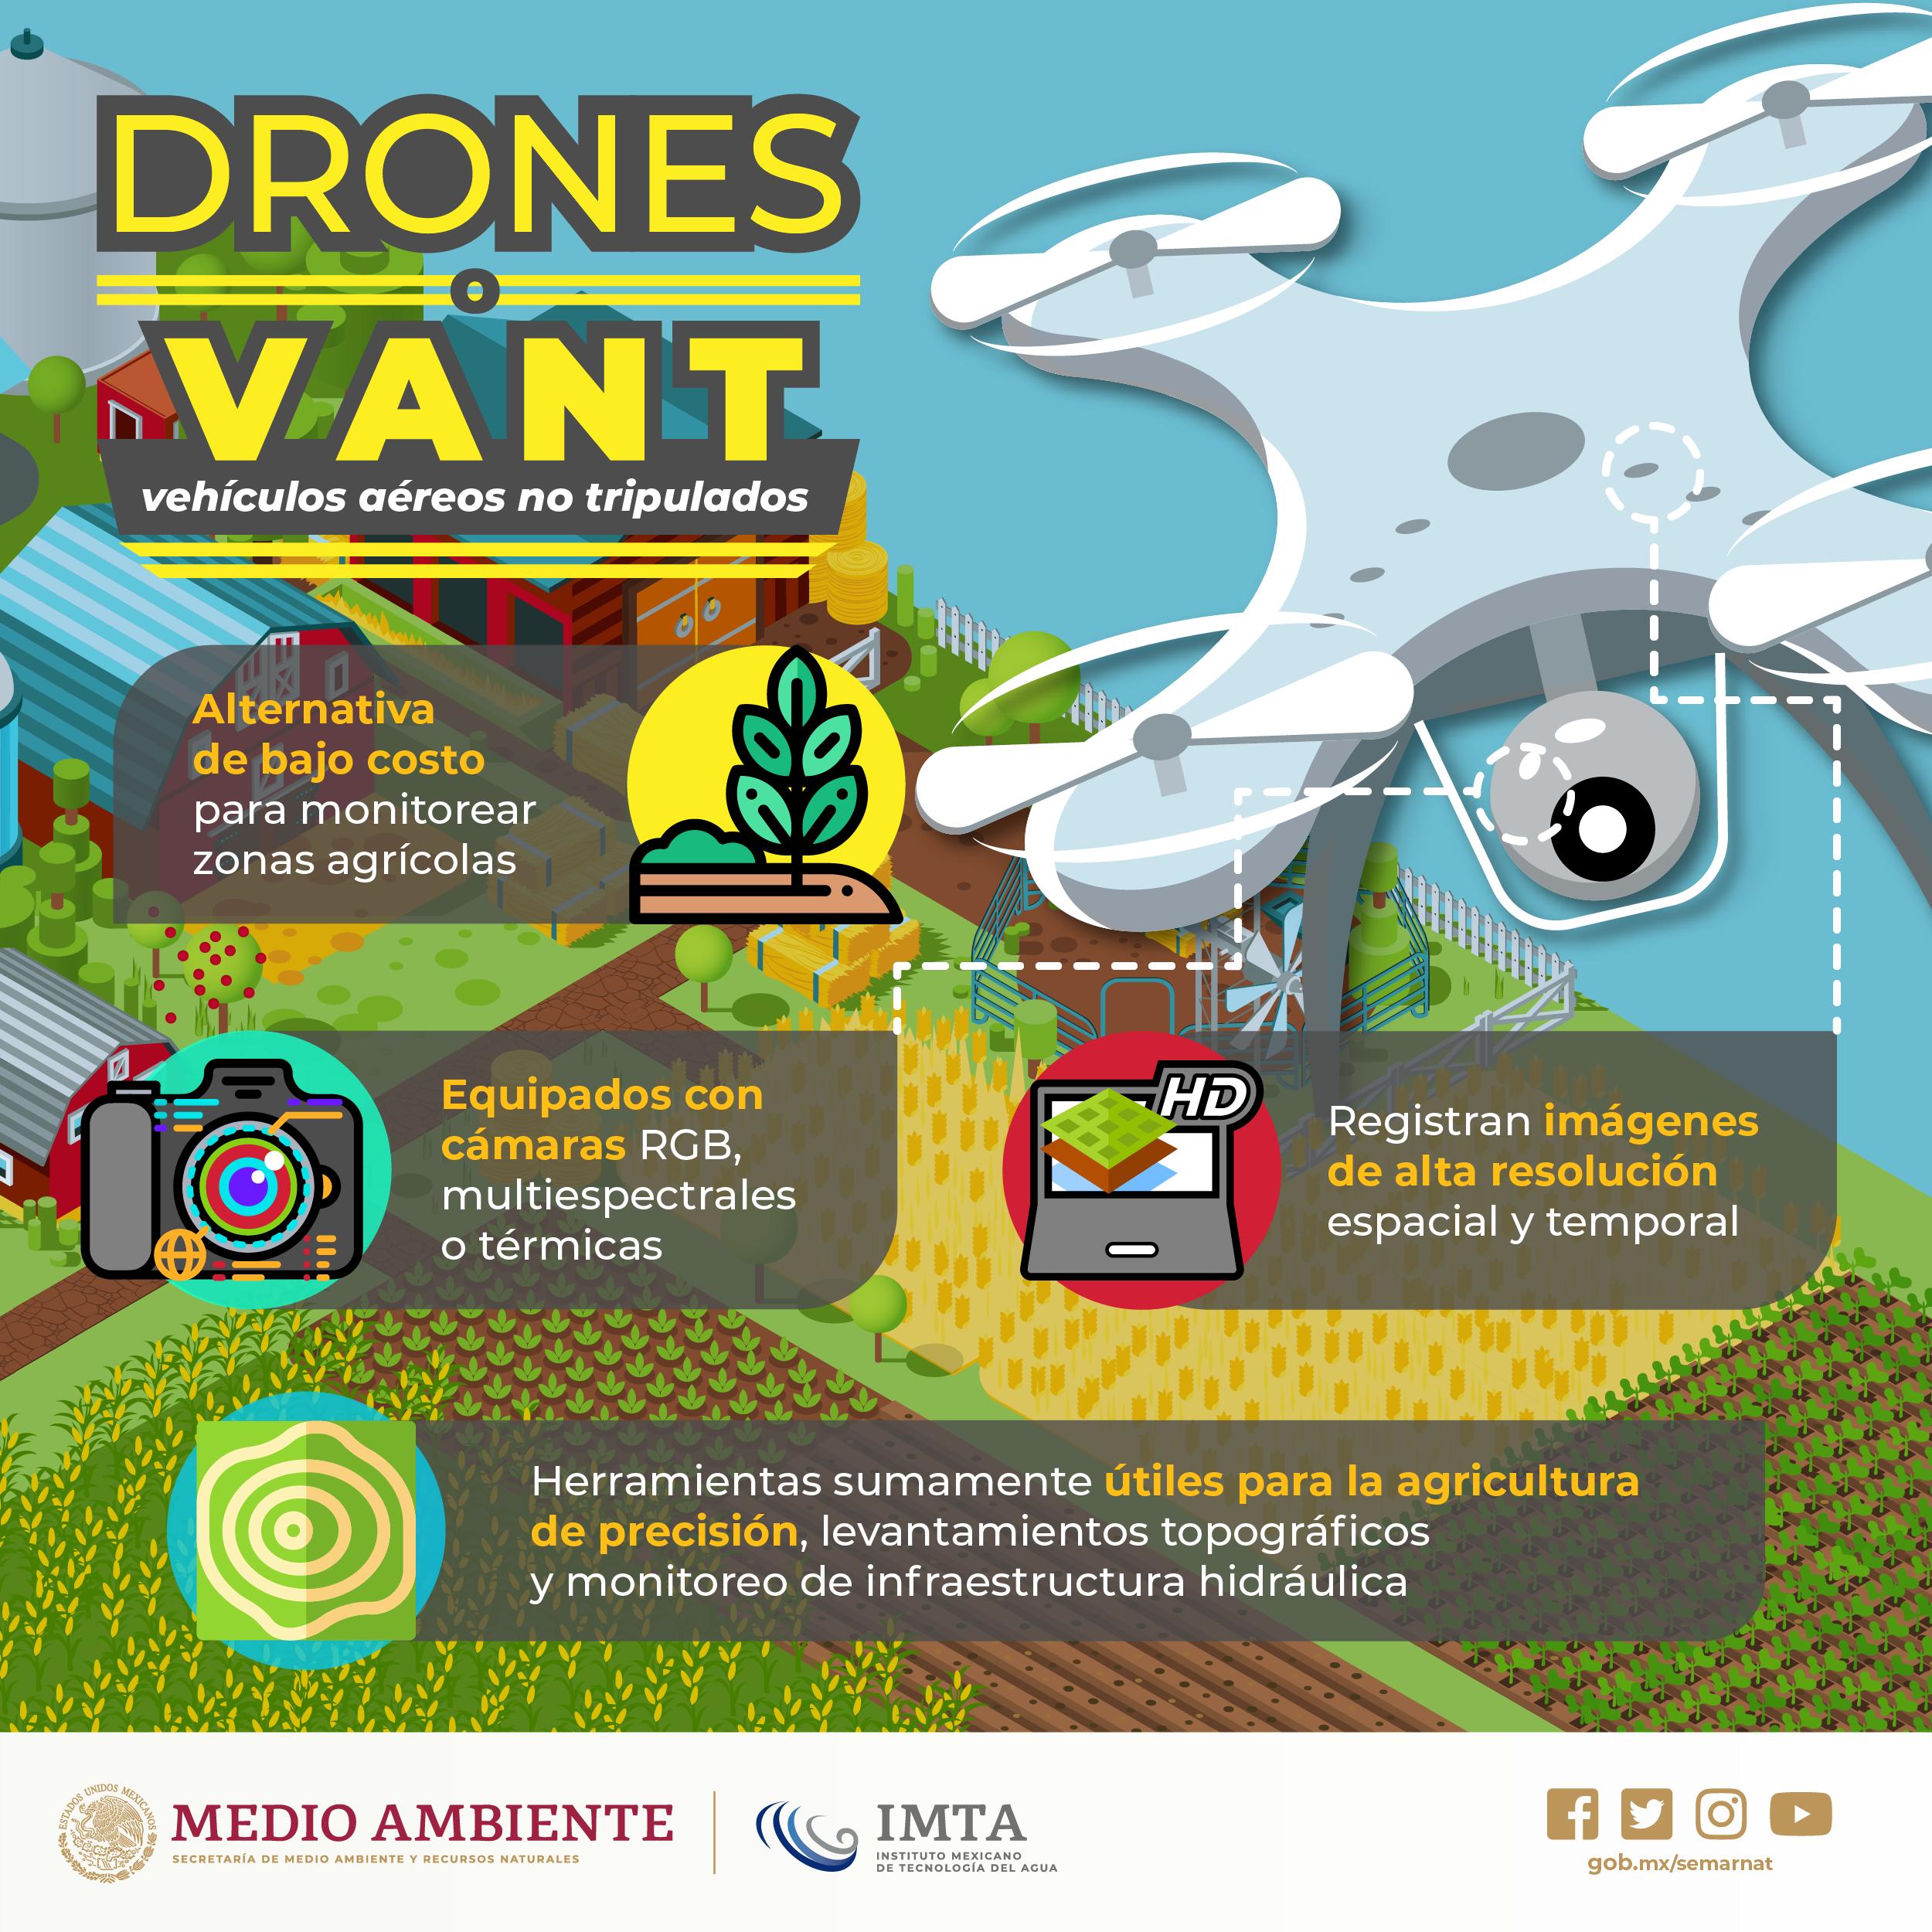 VANT vehículos aéreos no tripulados